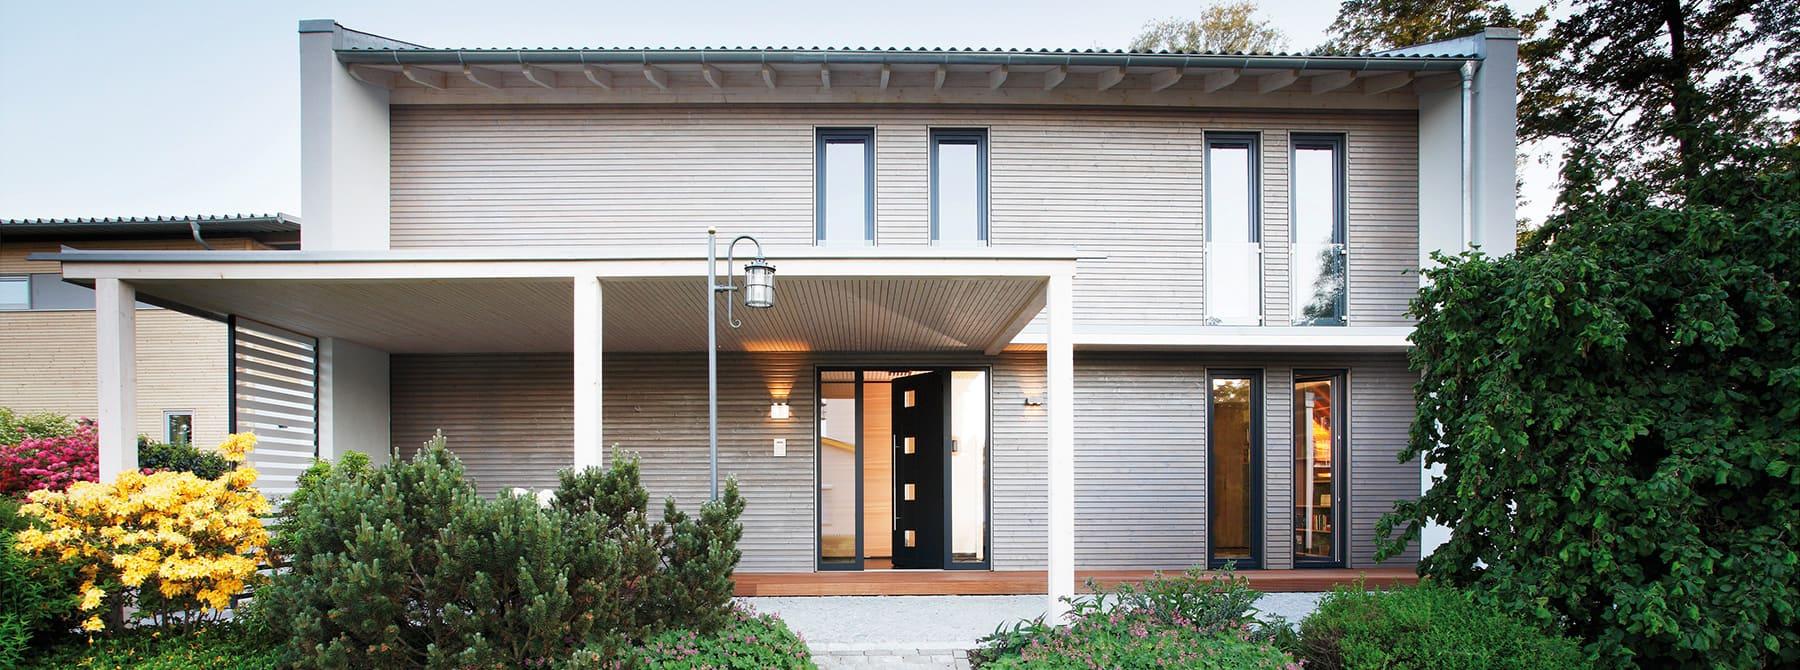 der baupartner f r kologische holzh user bauen sie ihr holzhaus passivhaus. Black Bedroom Furniture Sets. Home Design Ideas